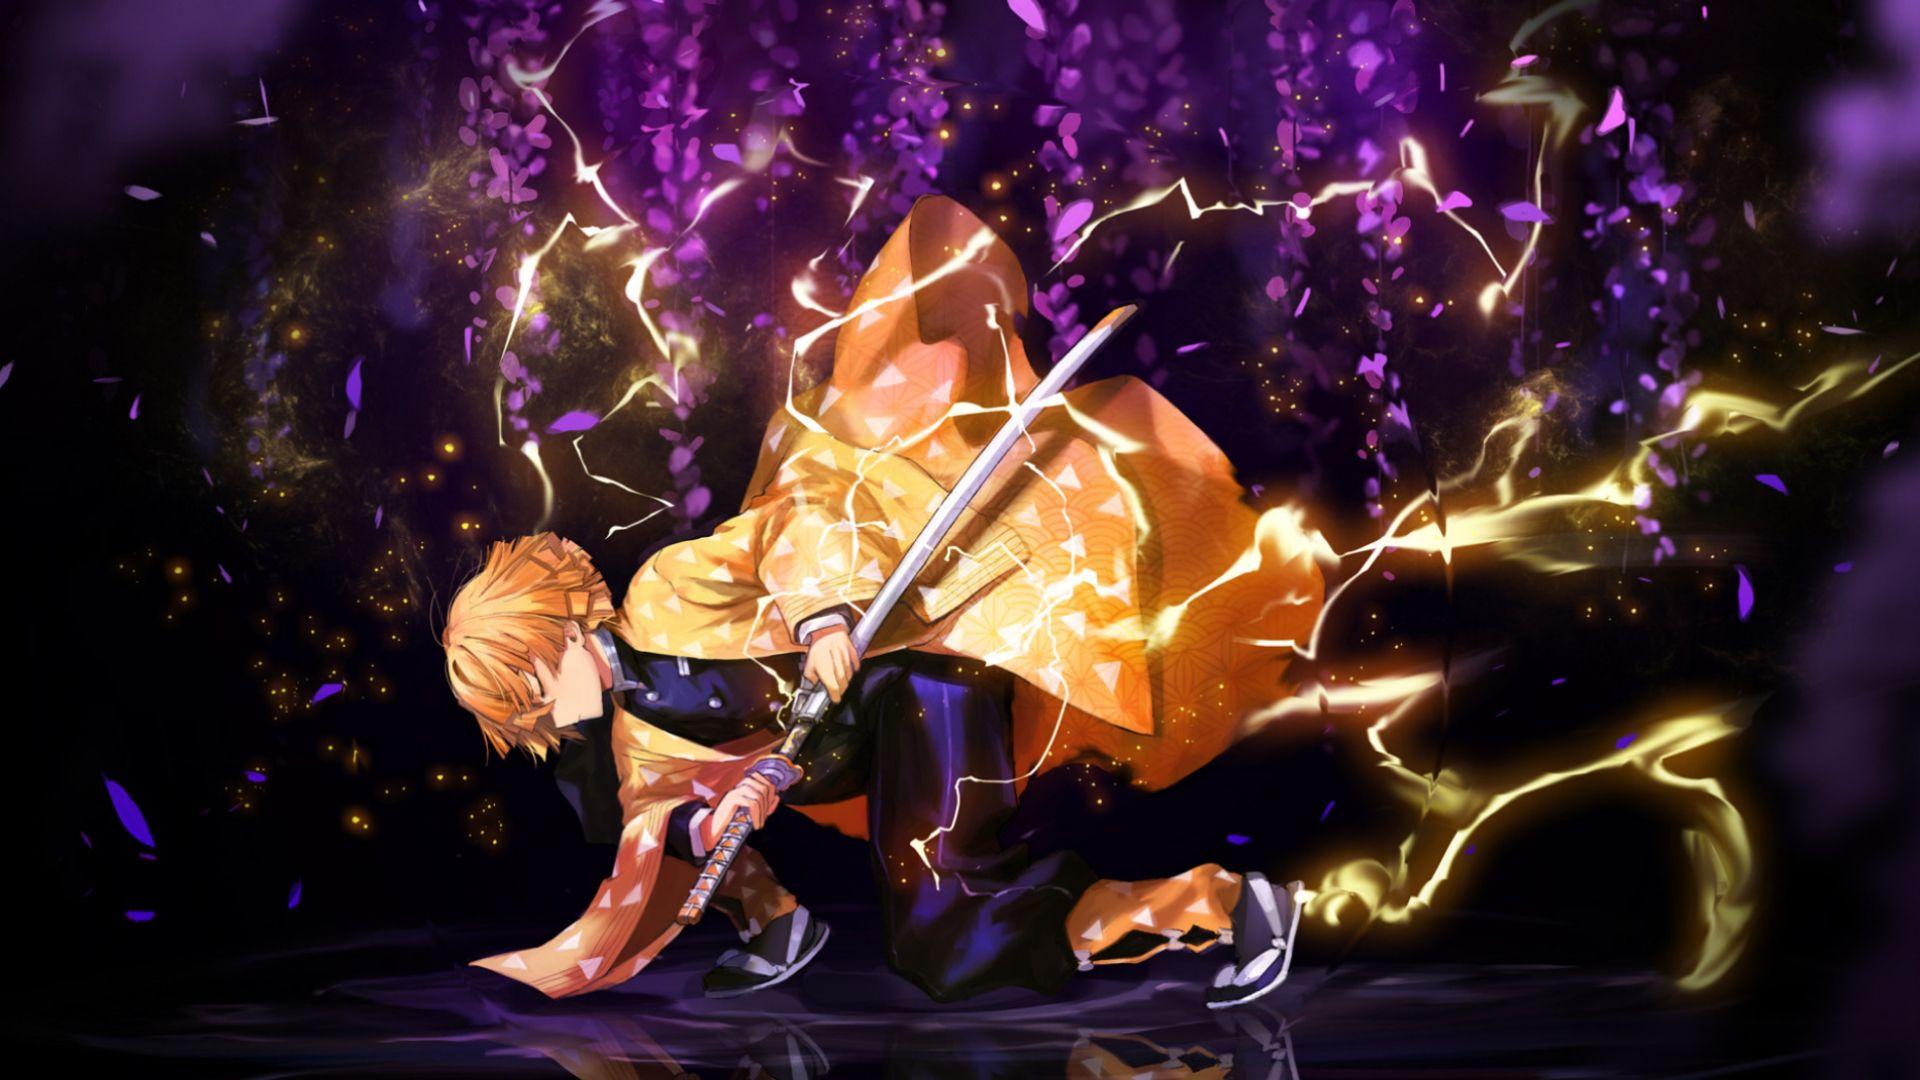 Demon Slayer Kimetsu No Yaiba Zenitsu Agatsuma